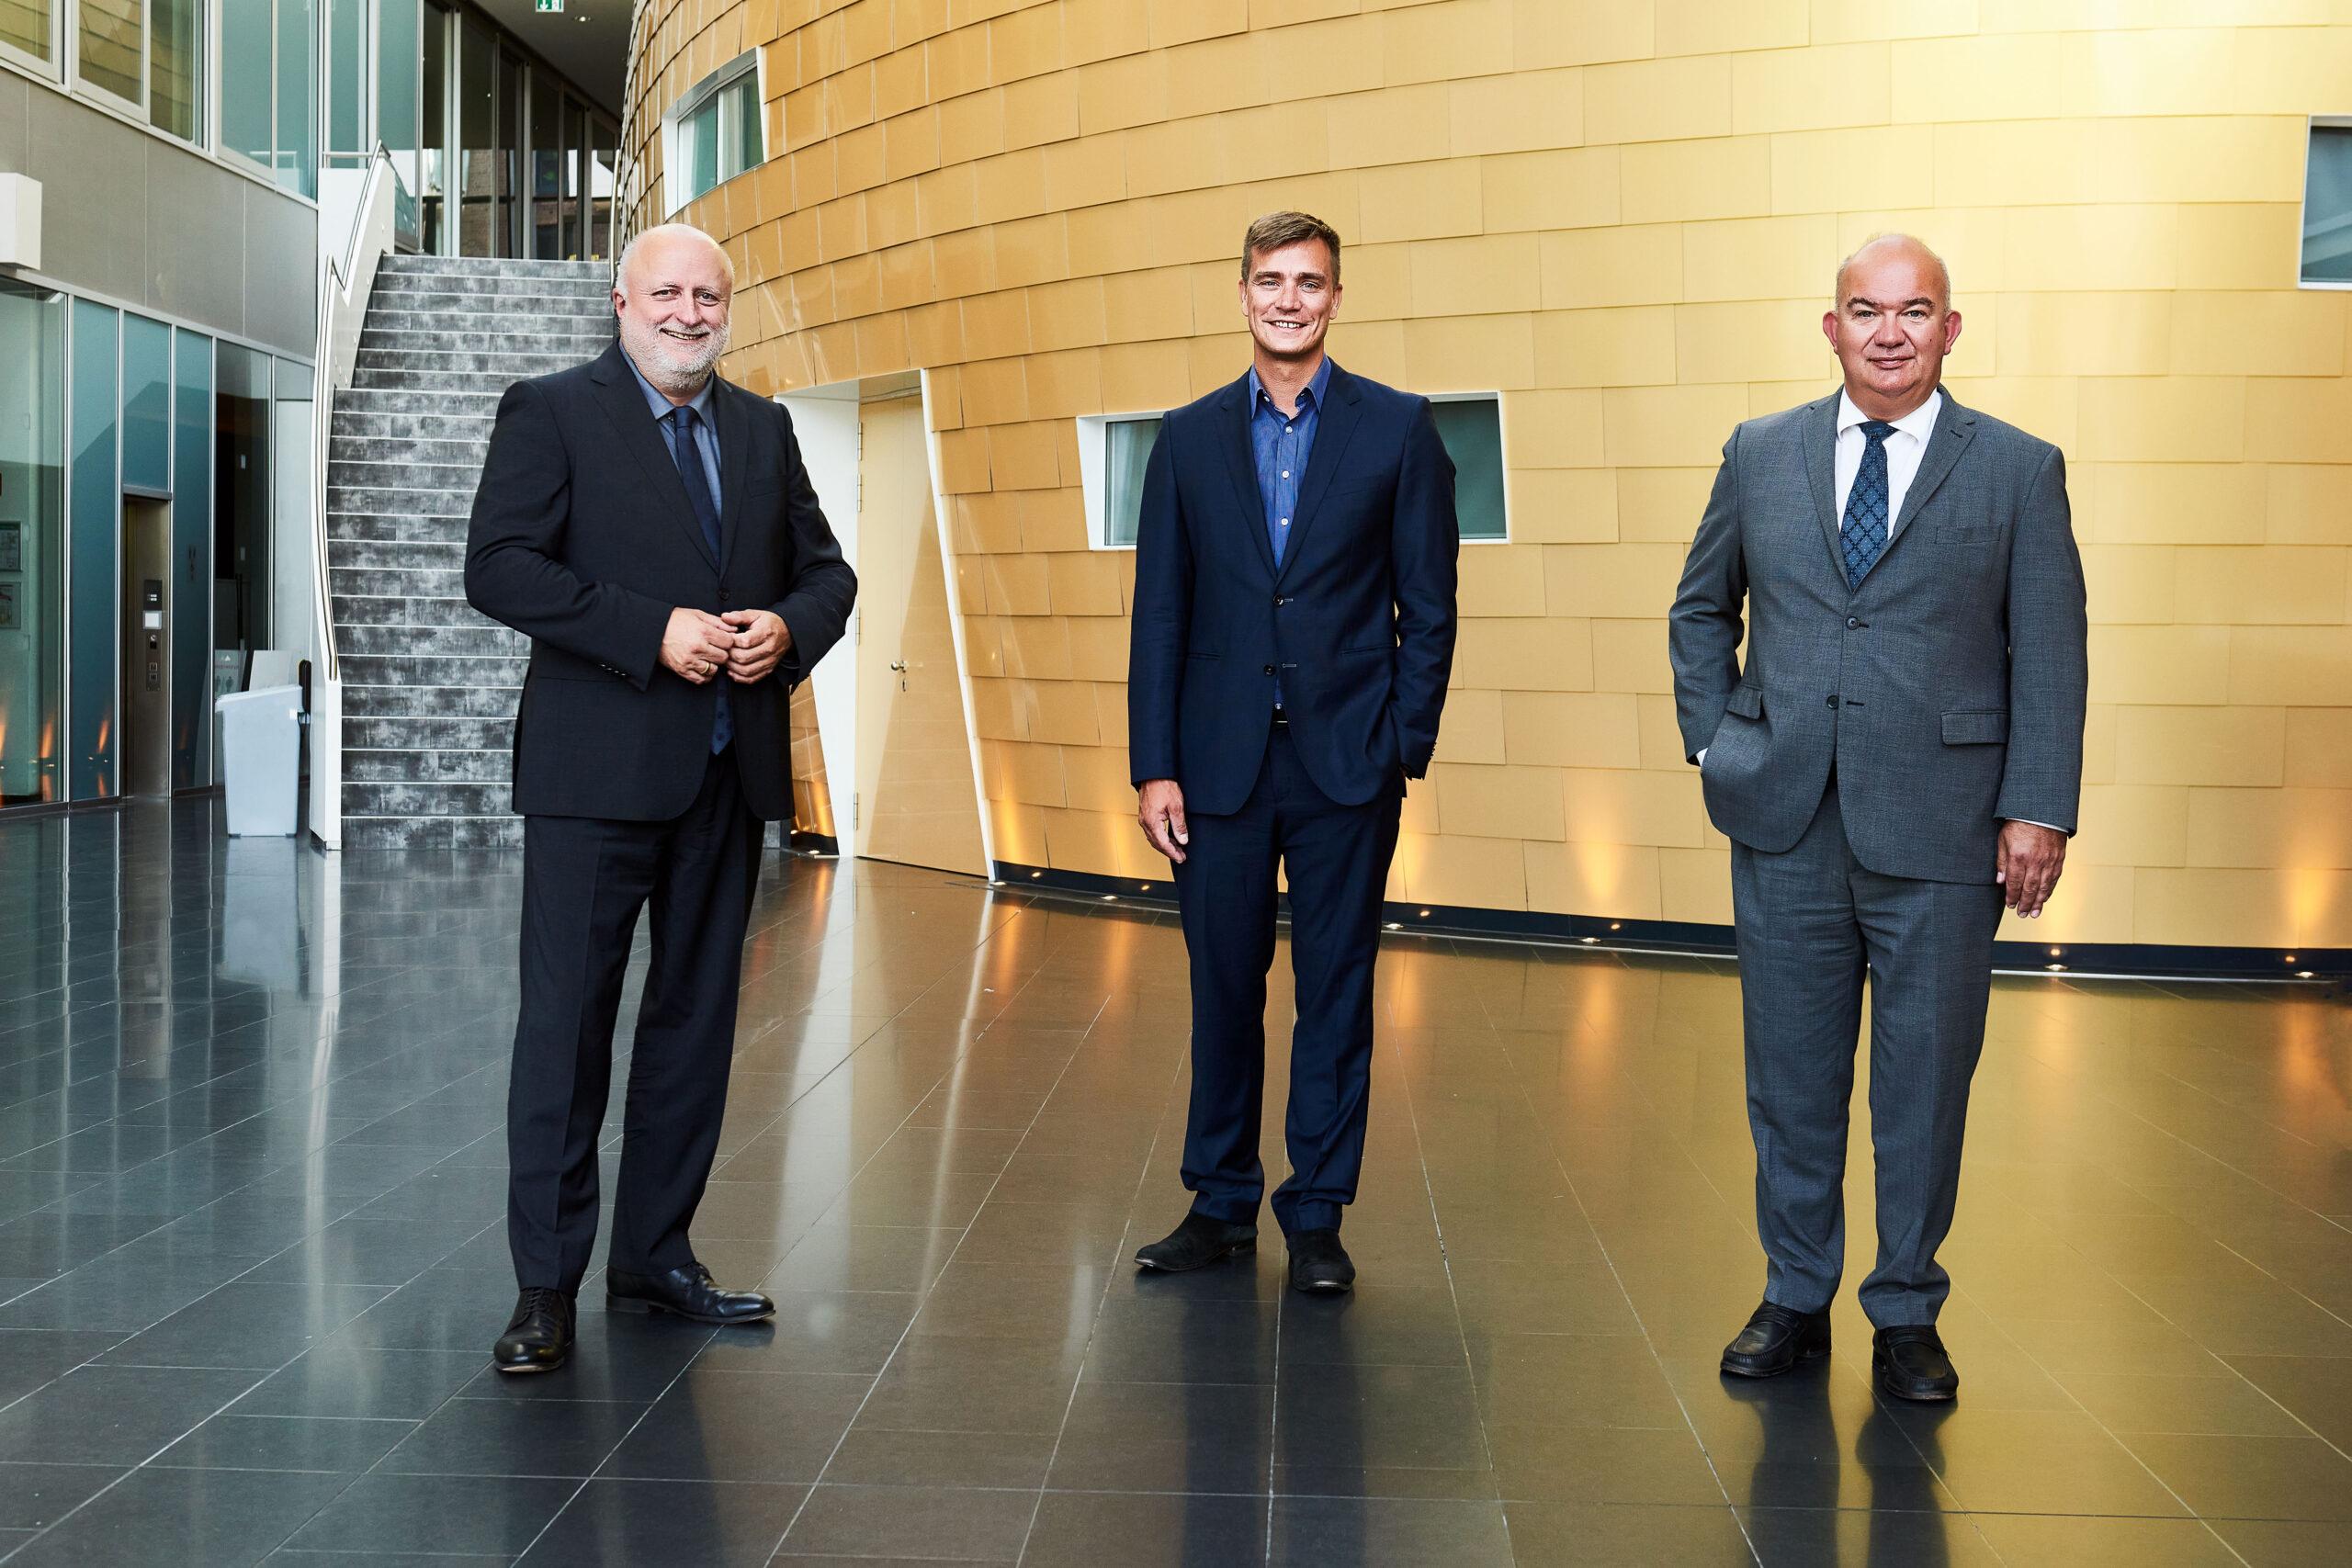 Drei Herren in Anzügen stehen vor einer futuristisch anmutenden Wand